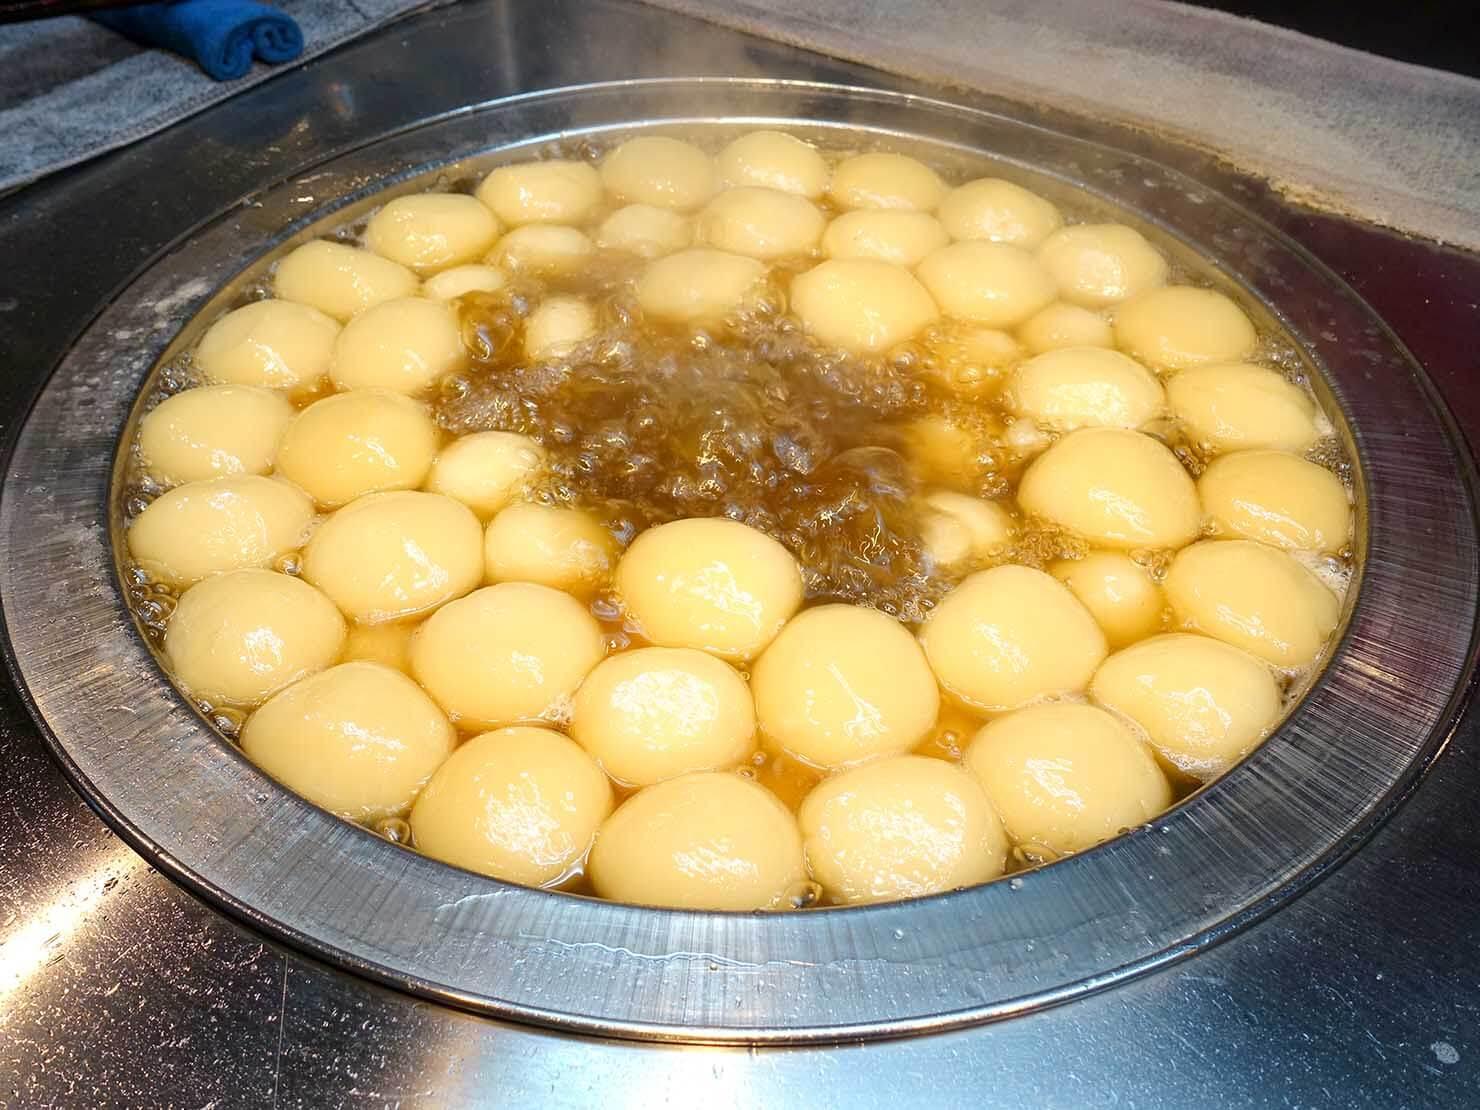 台北・寧夏夜市のおすすめグルメ店「林振櫂燒麻糬」のおもち